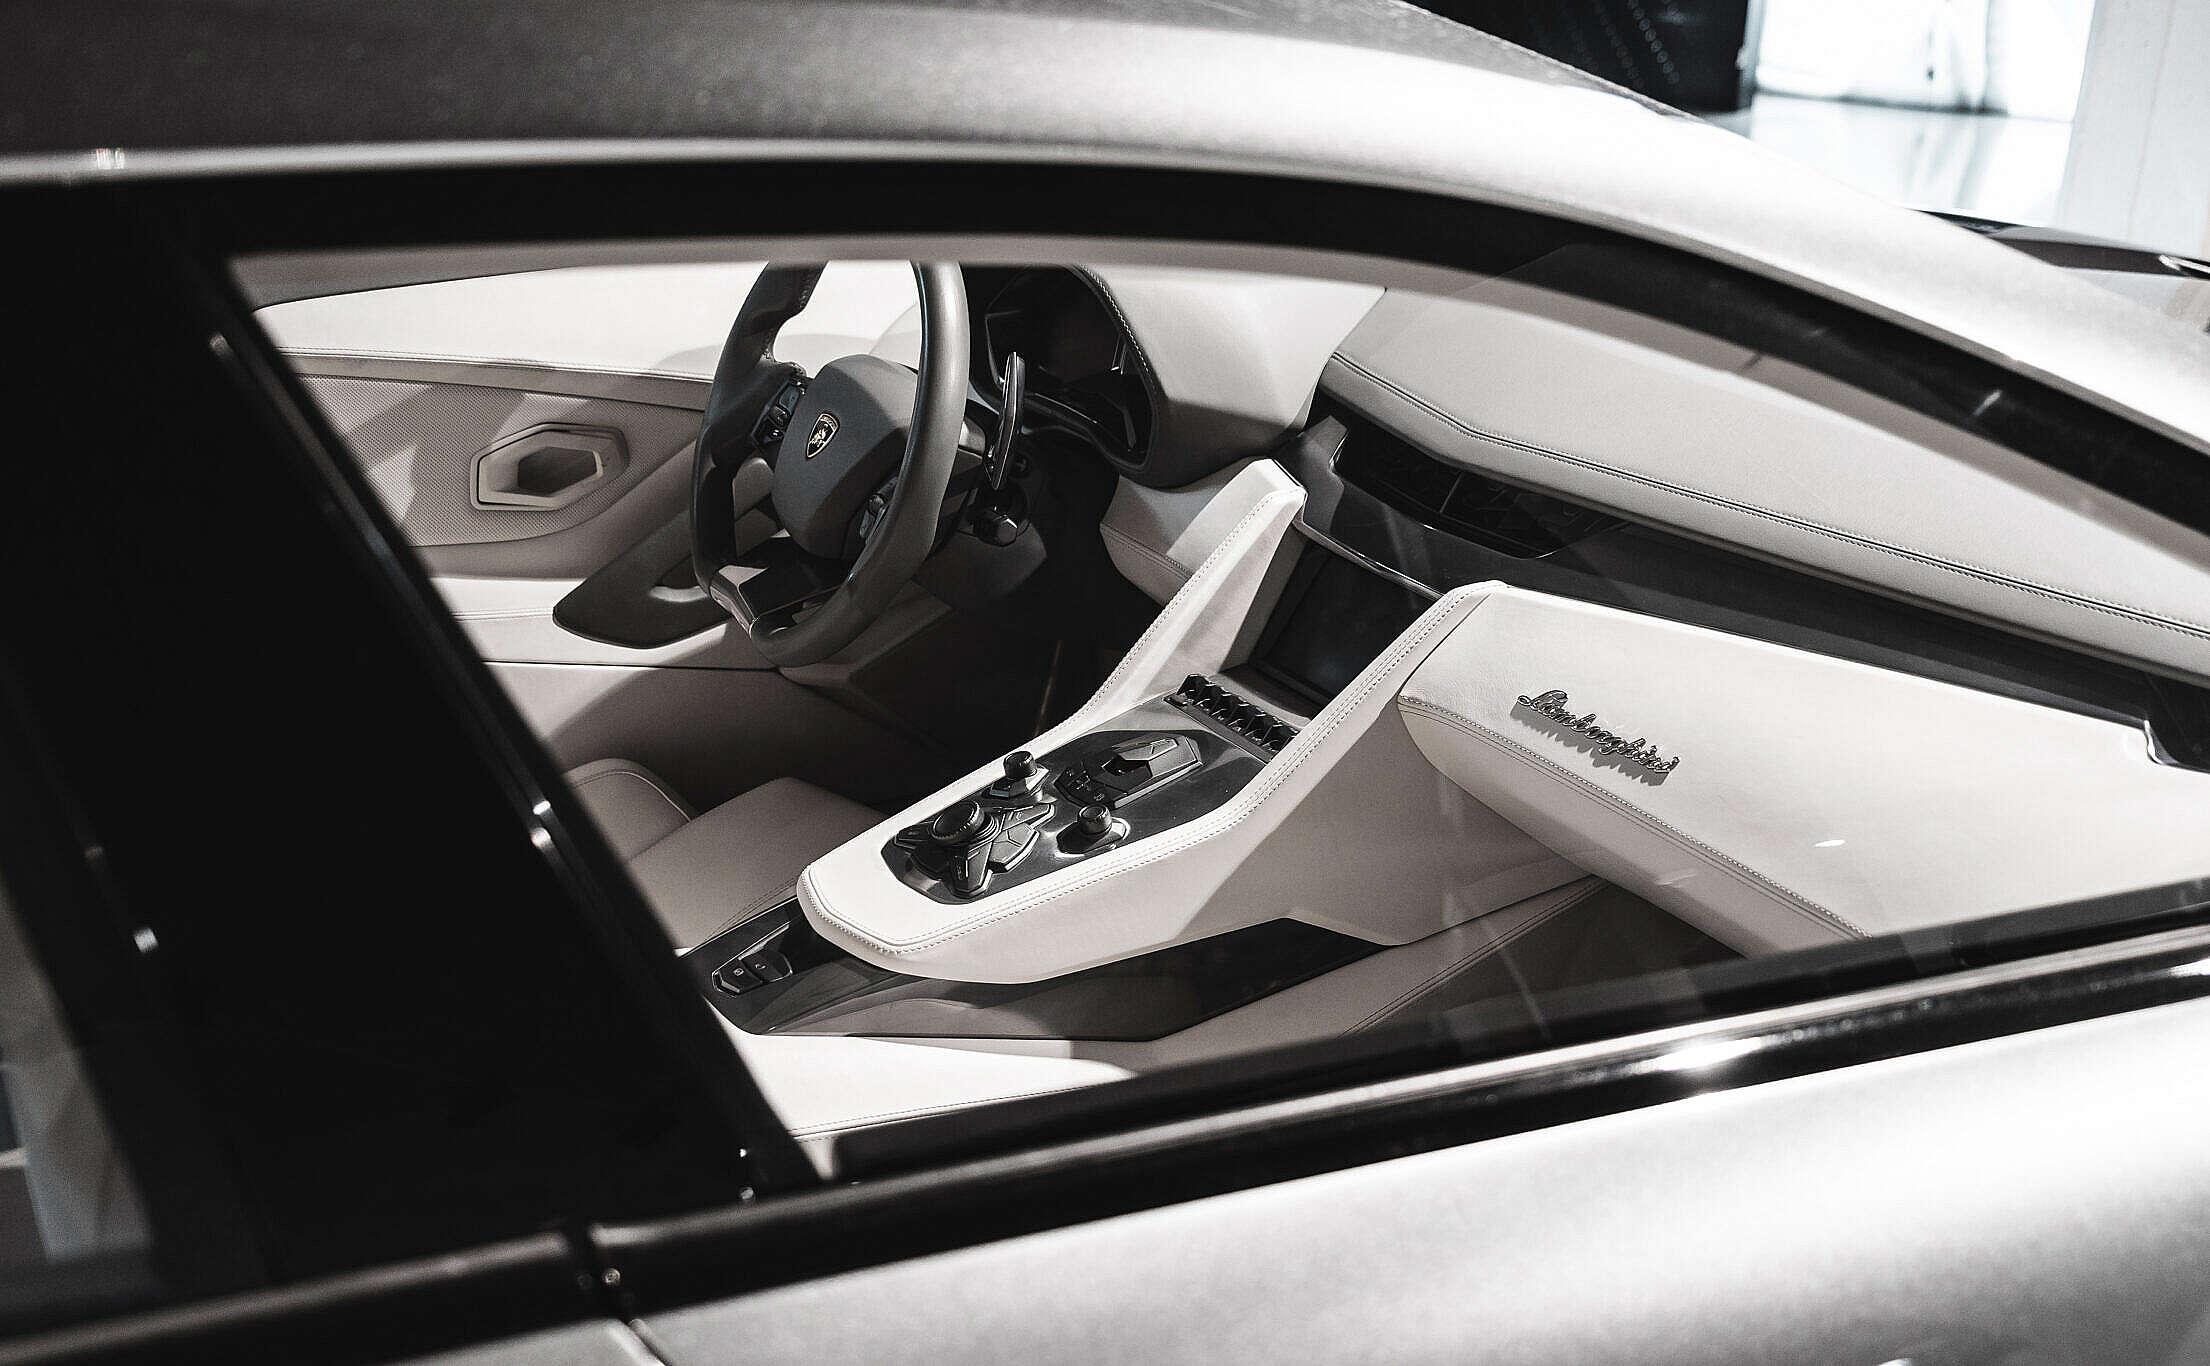 Interior of Lamborghini Estoque Luxury Car Concept Free Stock Photo